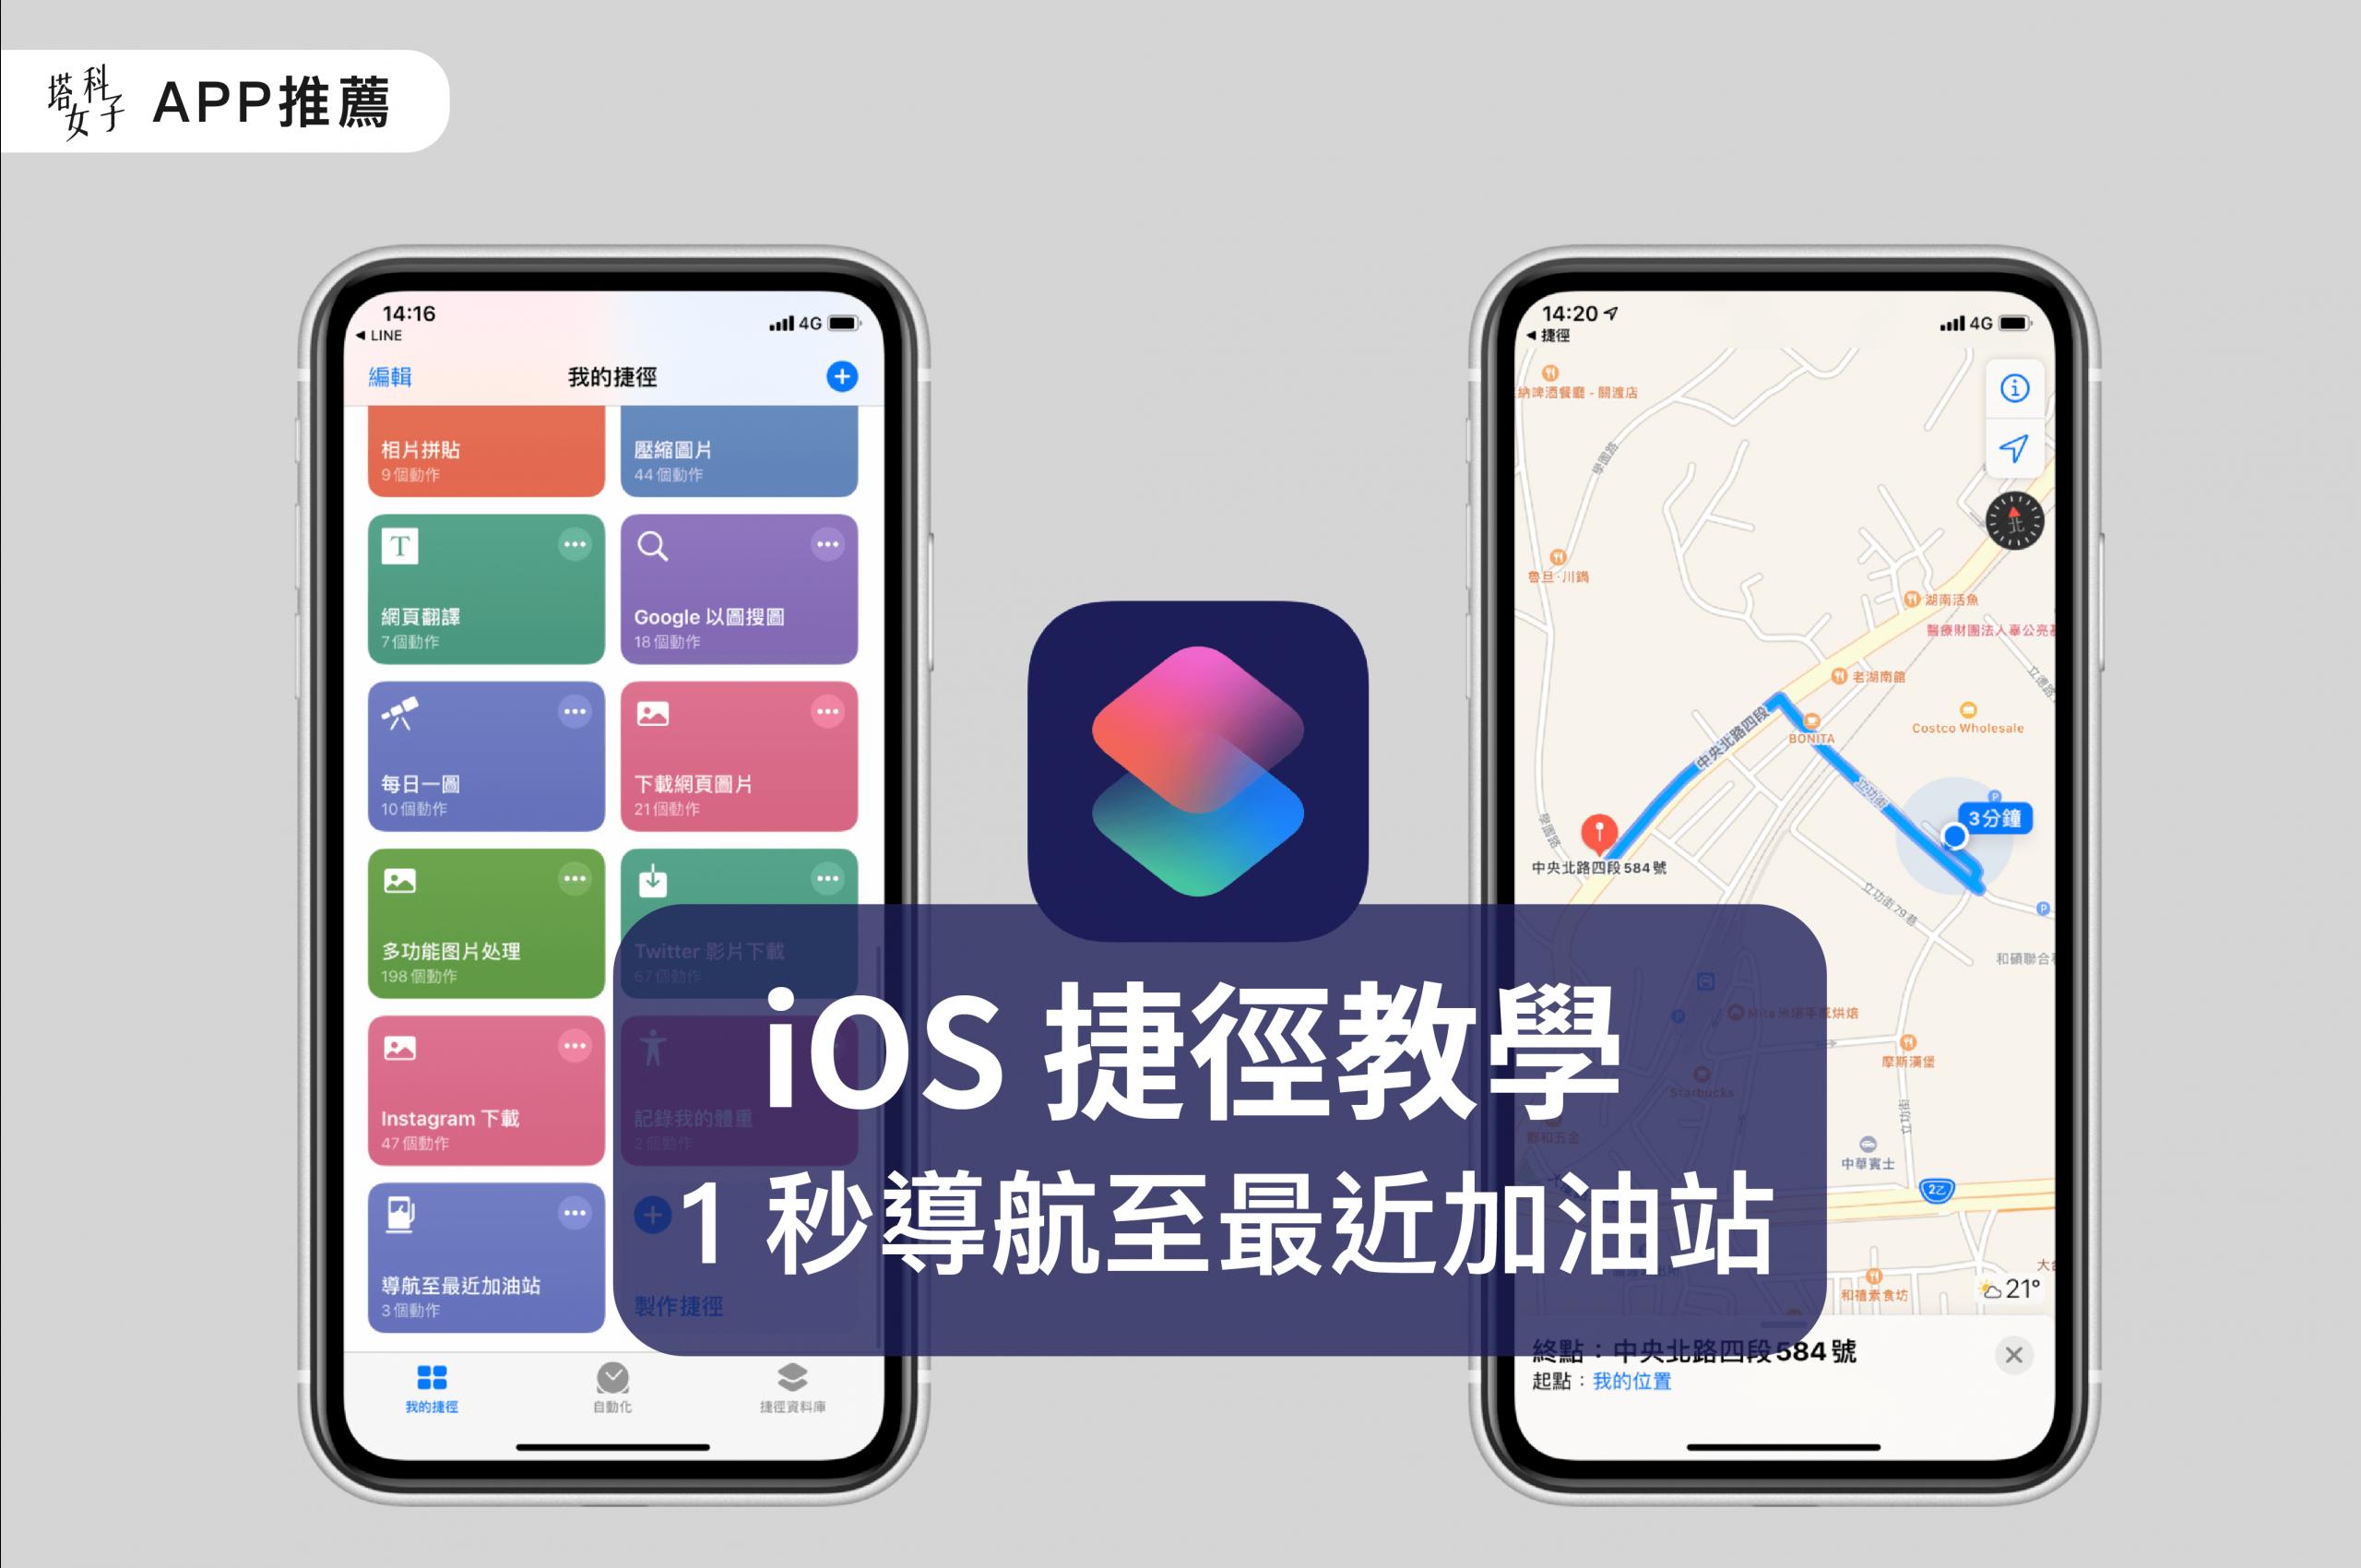 iOS 捷徑 iPhone 導航至加油站